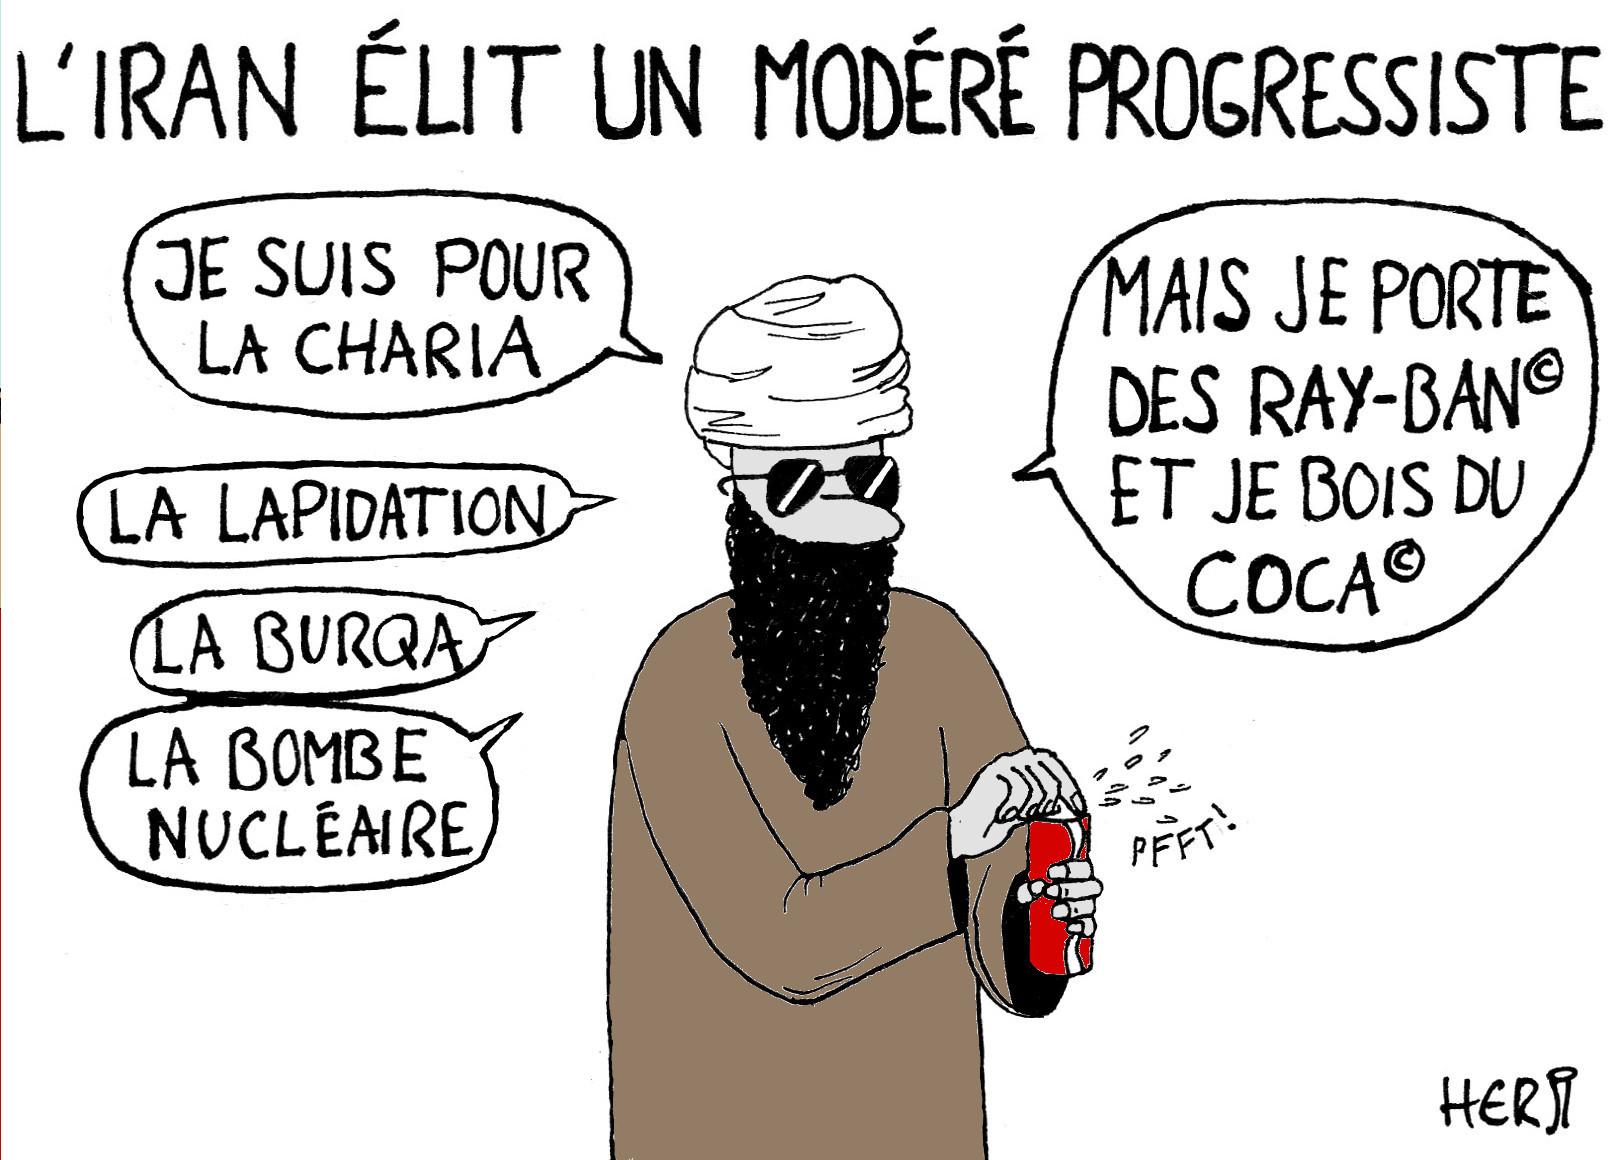 L'Iran élit un modéré progressiste